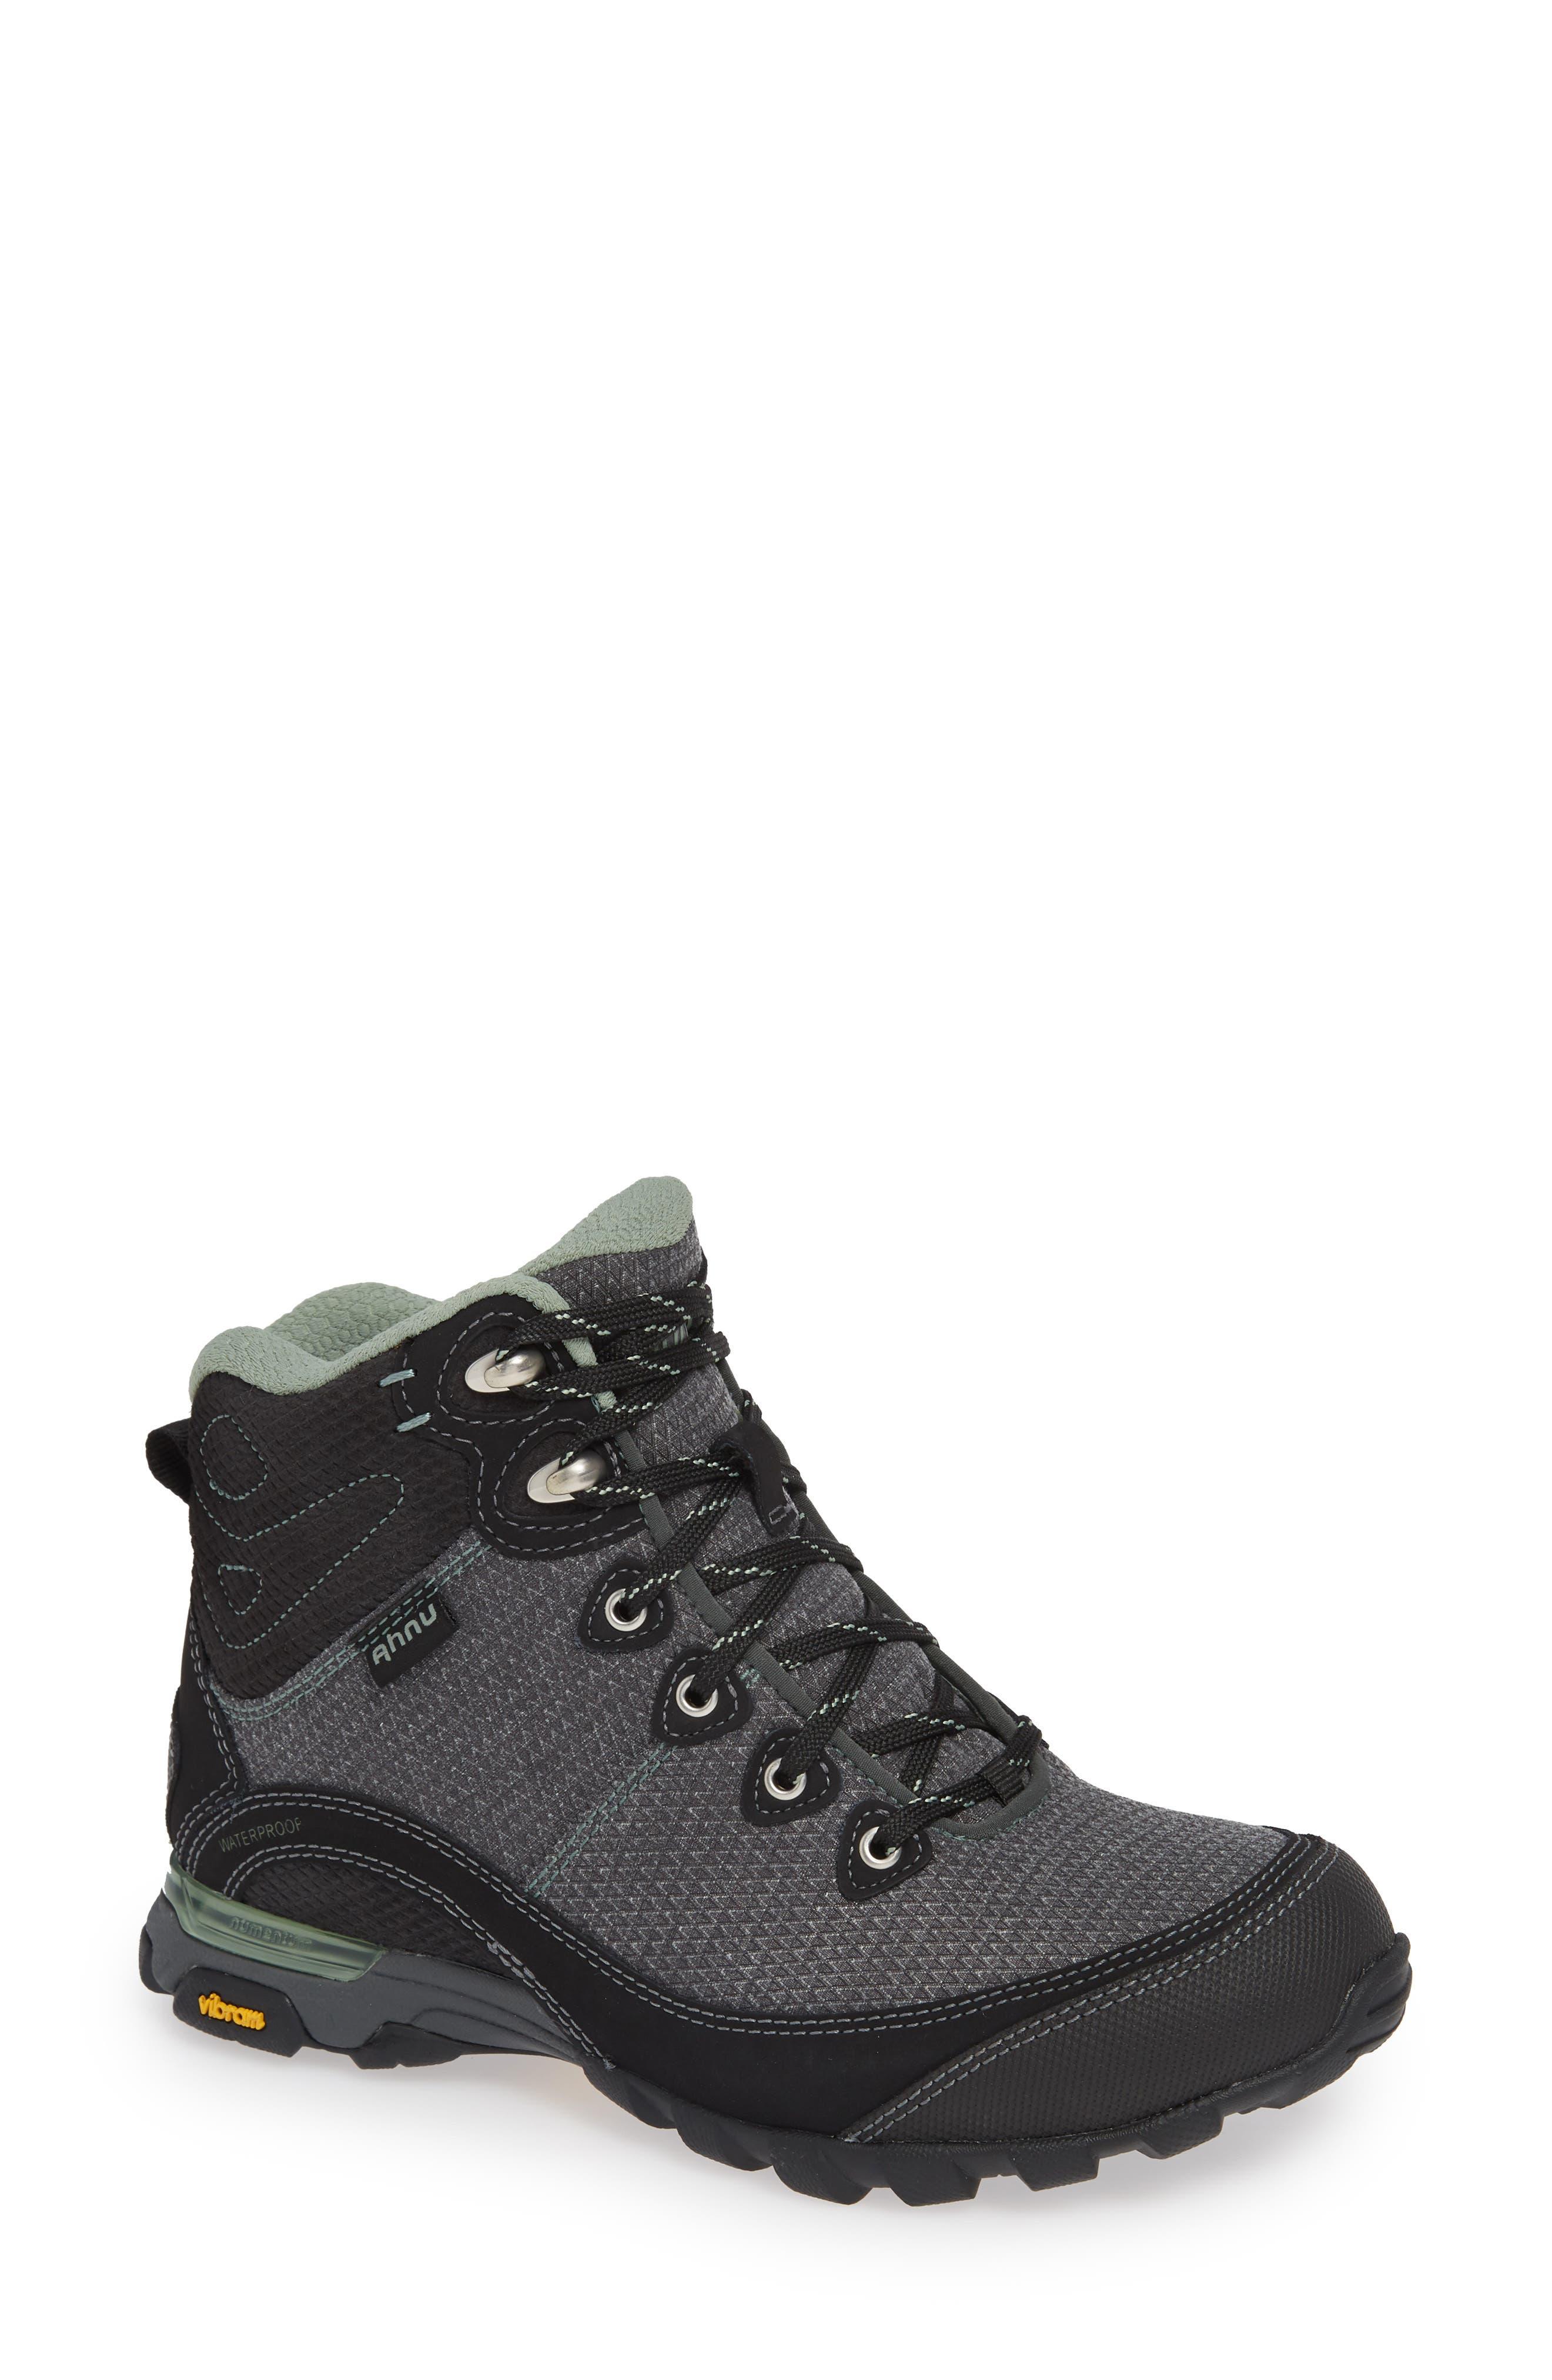 Ahnu By Teva Sugarpine Ii Waterproof Hiking Boot, Black